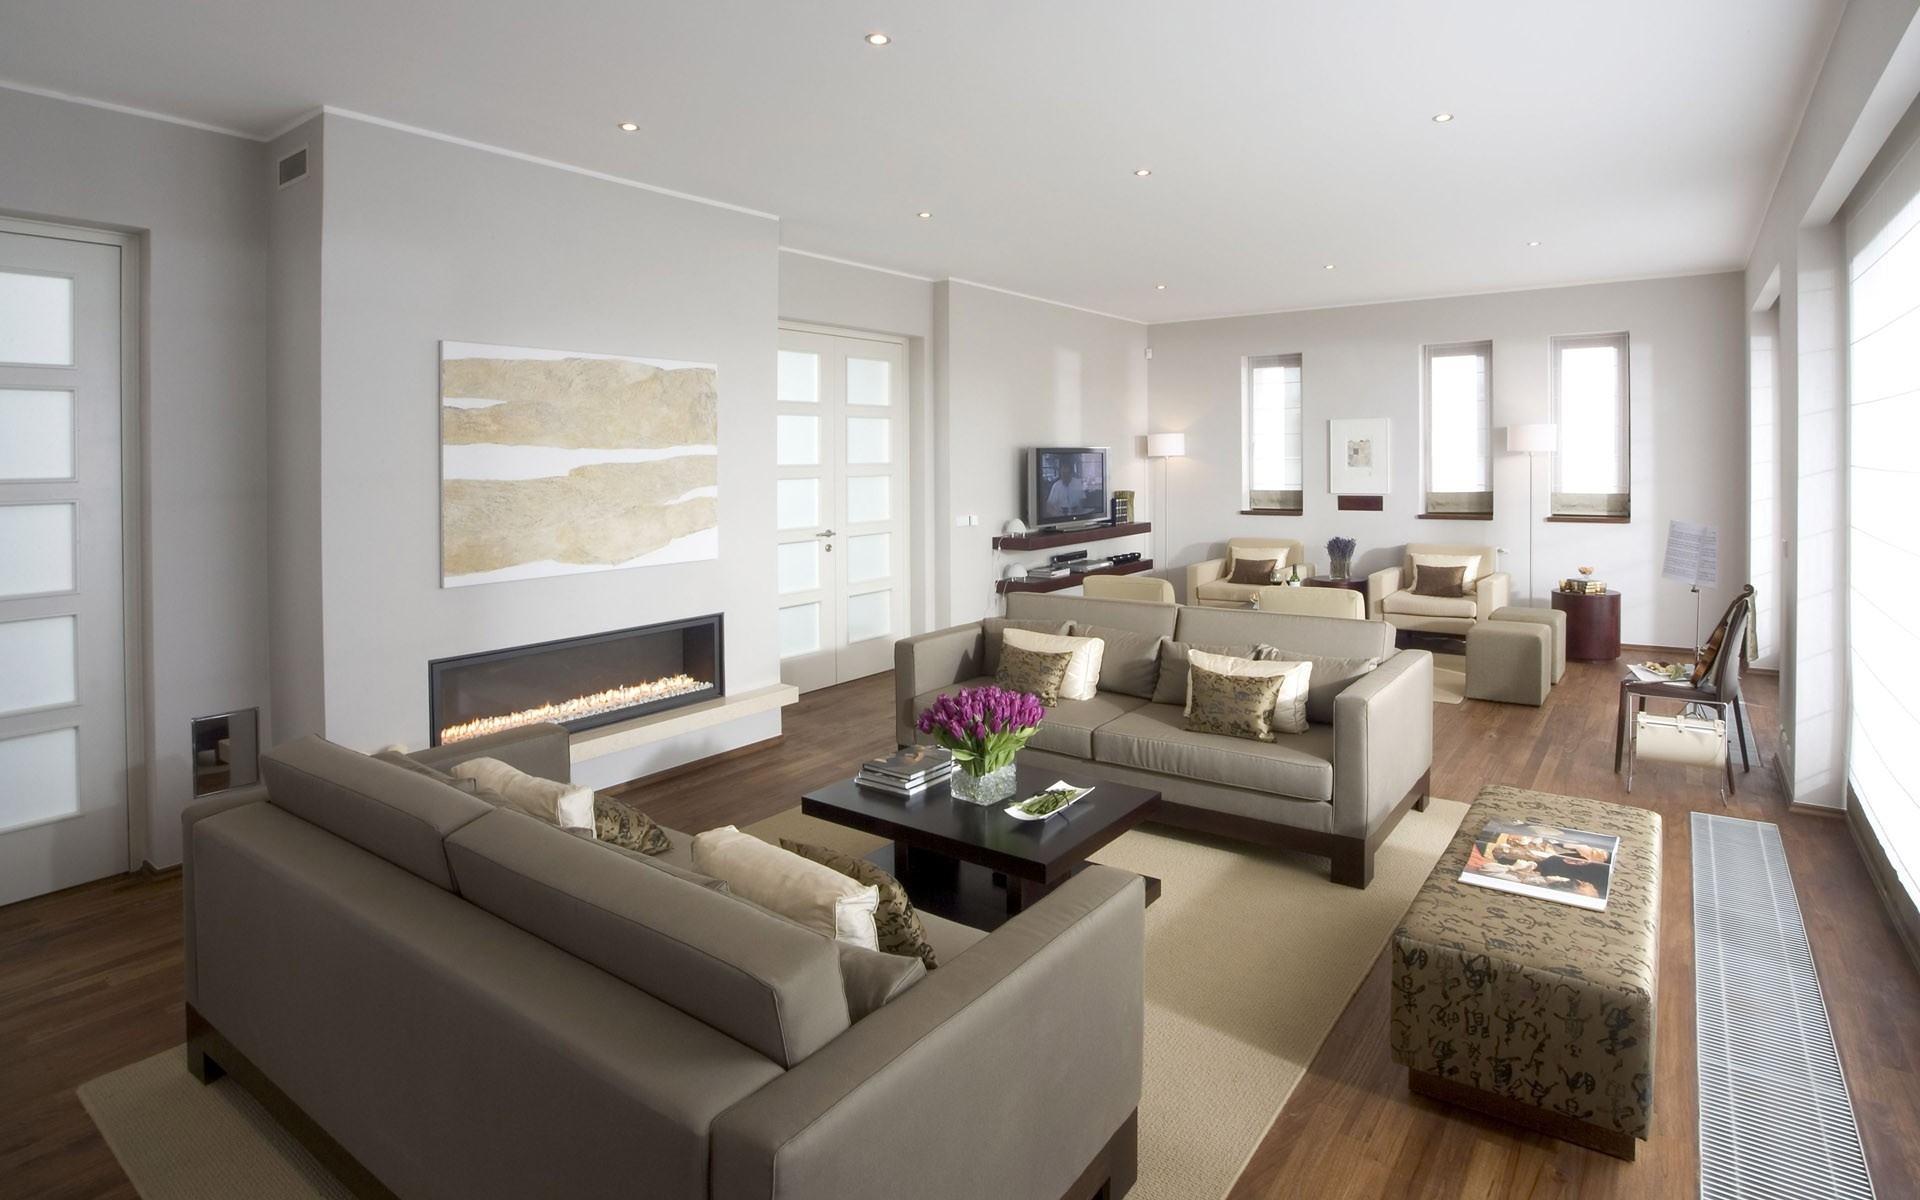 Бежево-серый интерьер гостиной